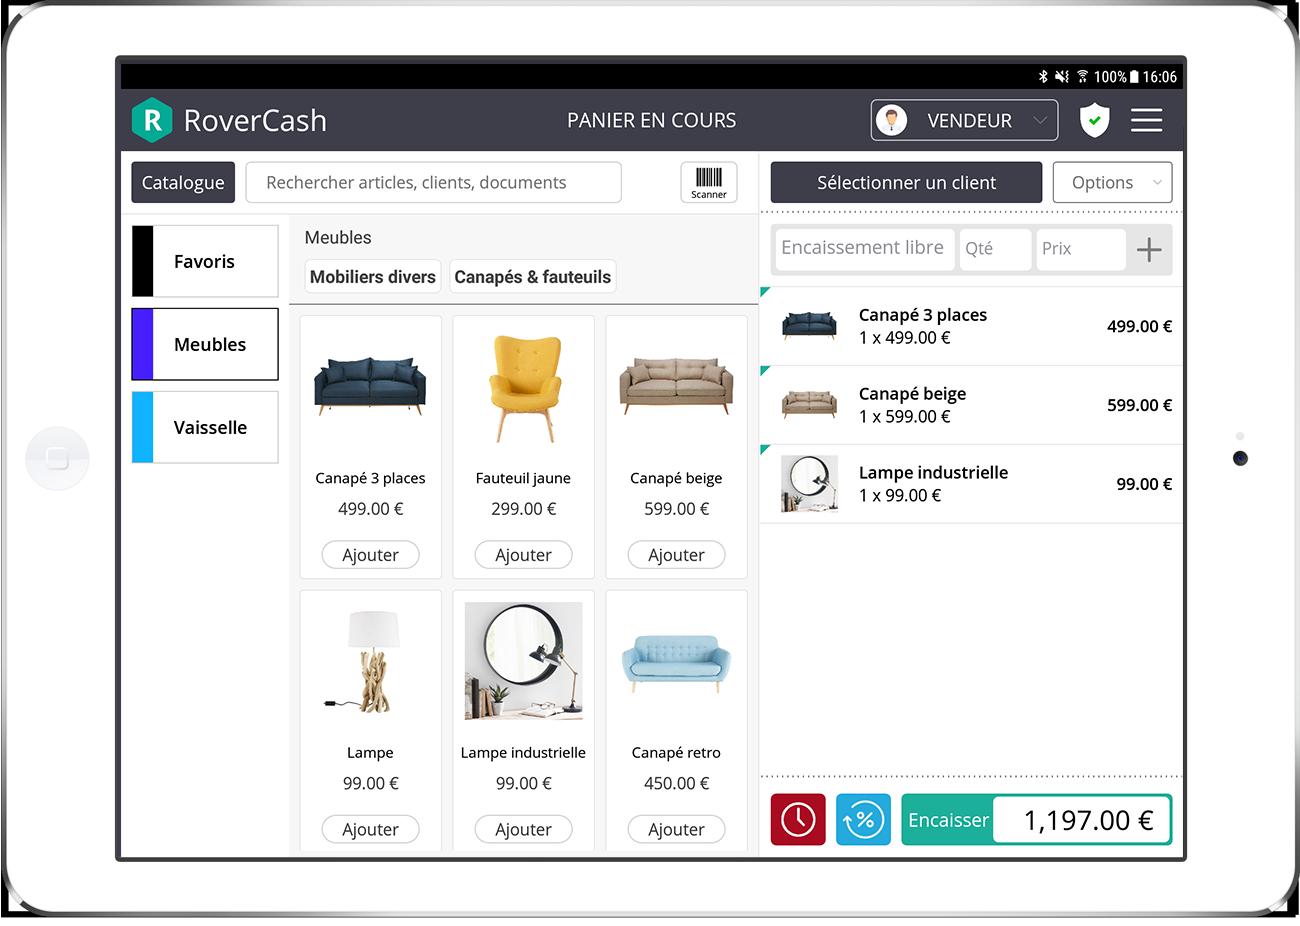 RoverCash est une application de caisse qui permet d'effectuer vos ventes et encaissements